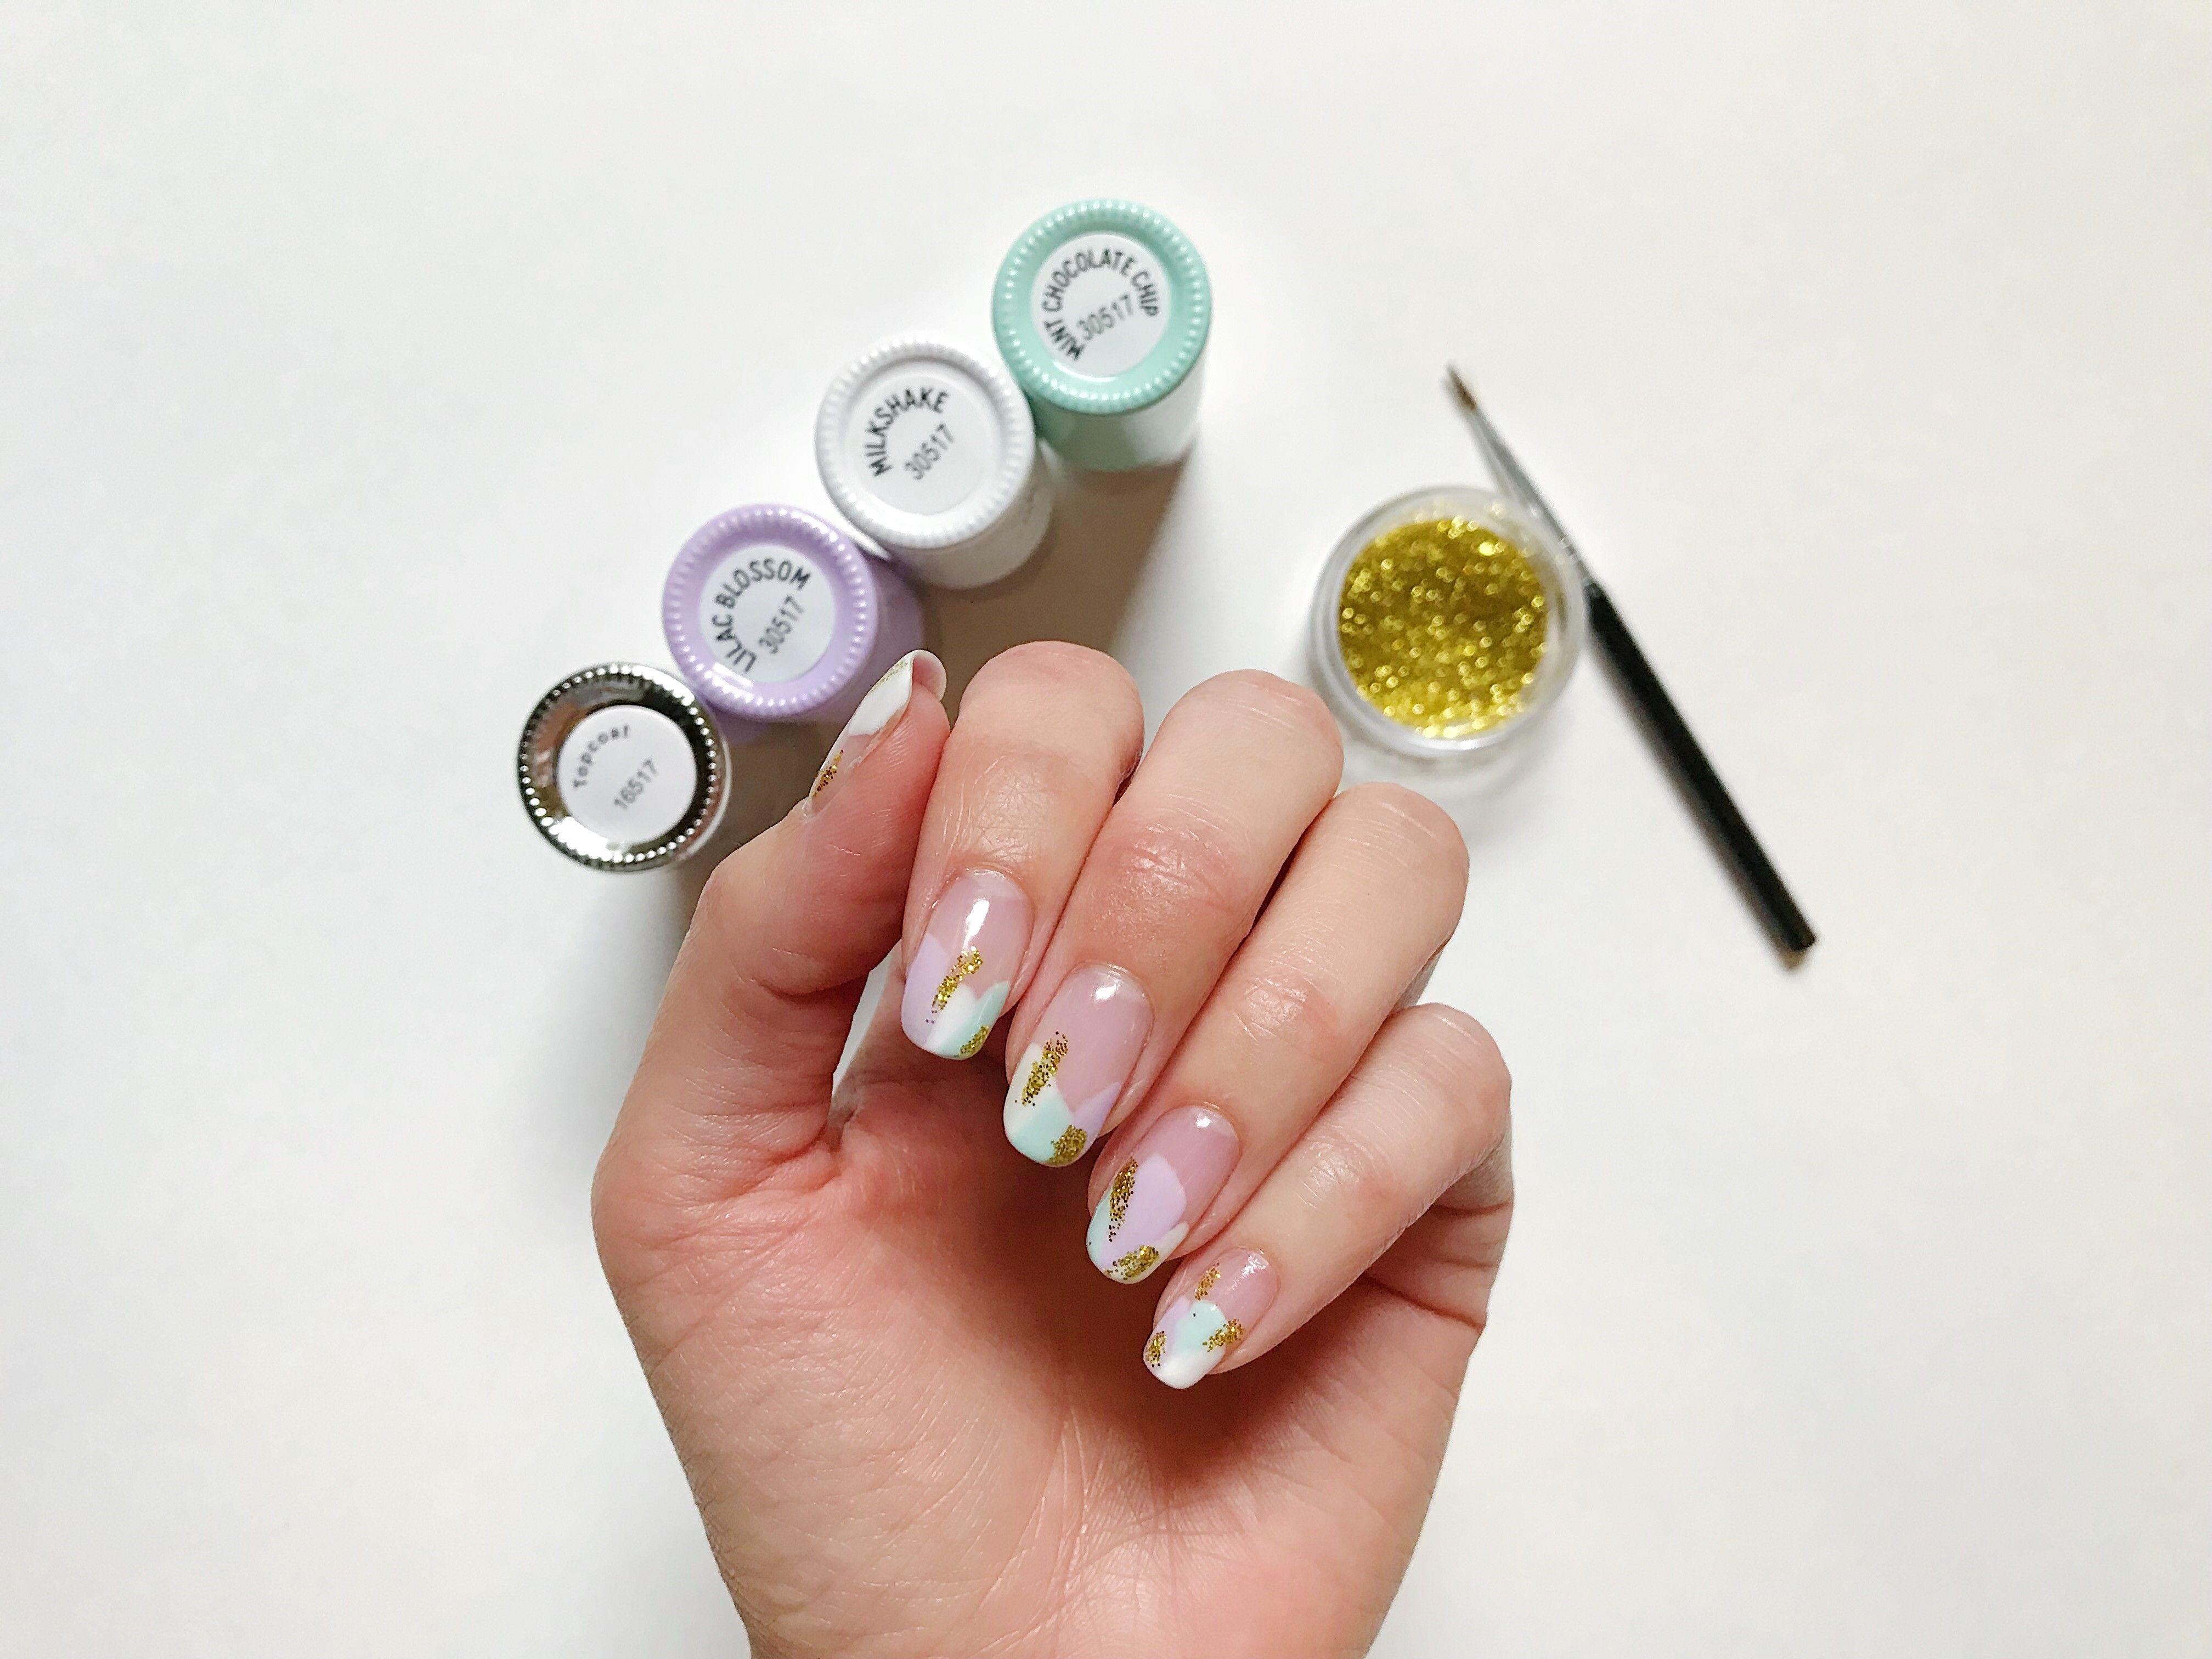 Part 1 Abstract Nail Art Tutorial Using Le Mini Macaron Nail